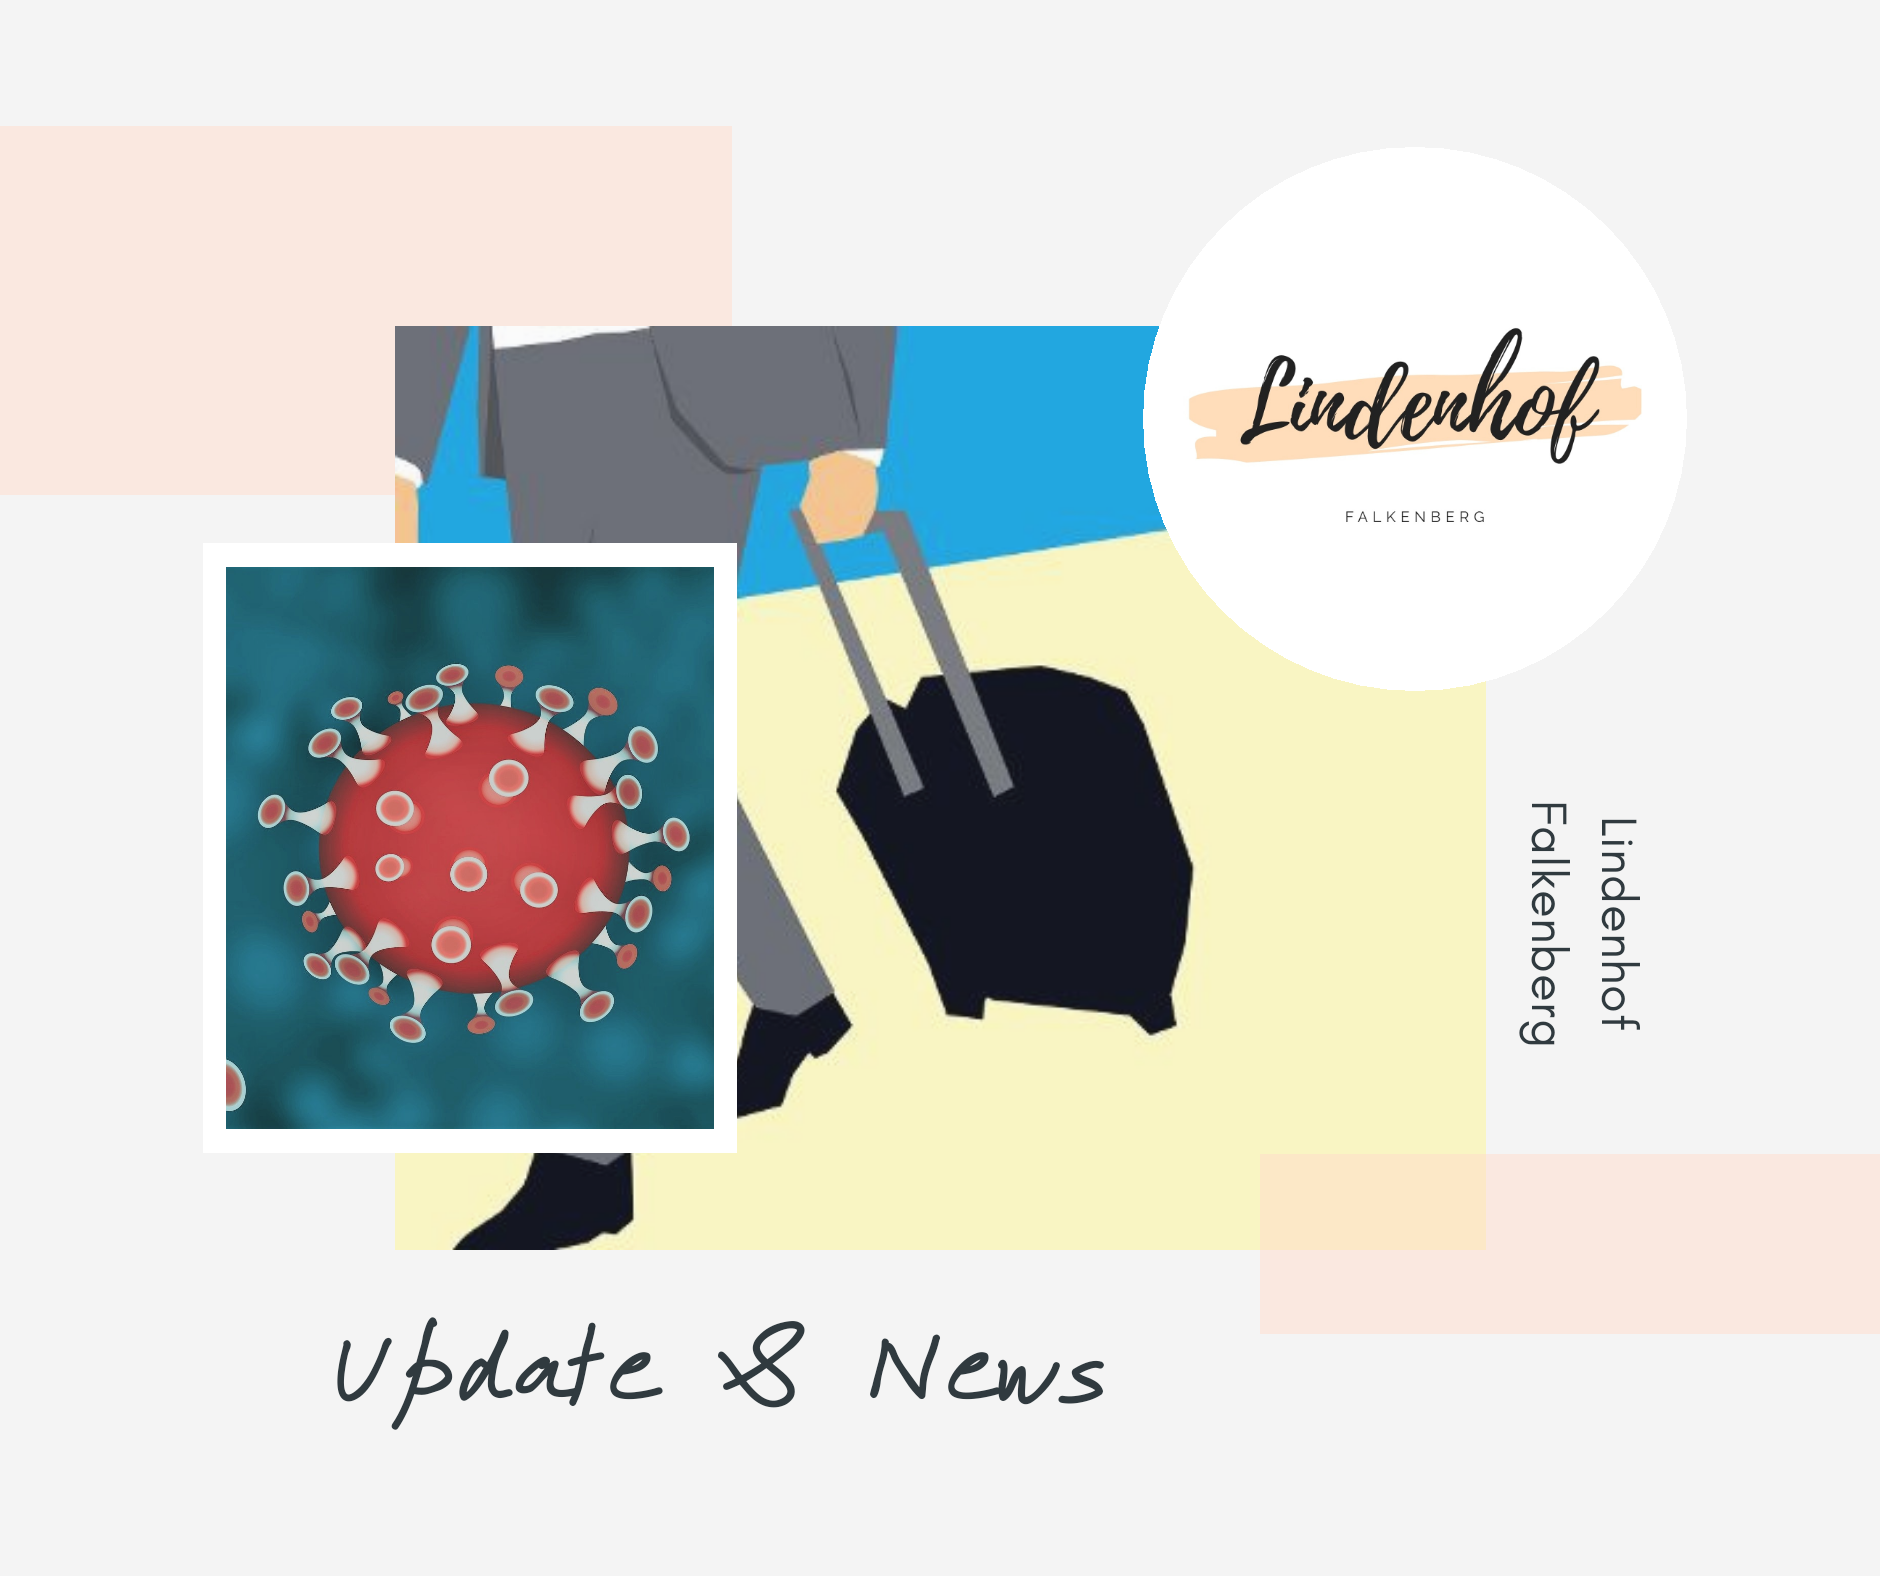 """""""Corona"""" Update & News"""